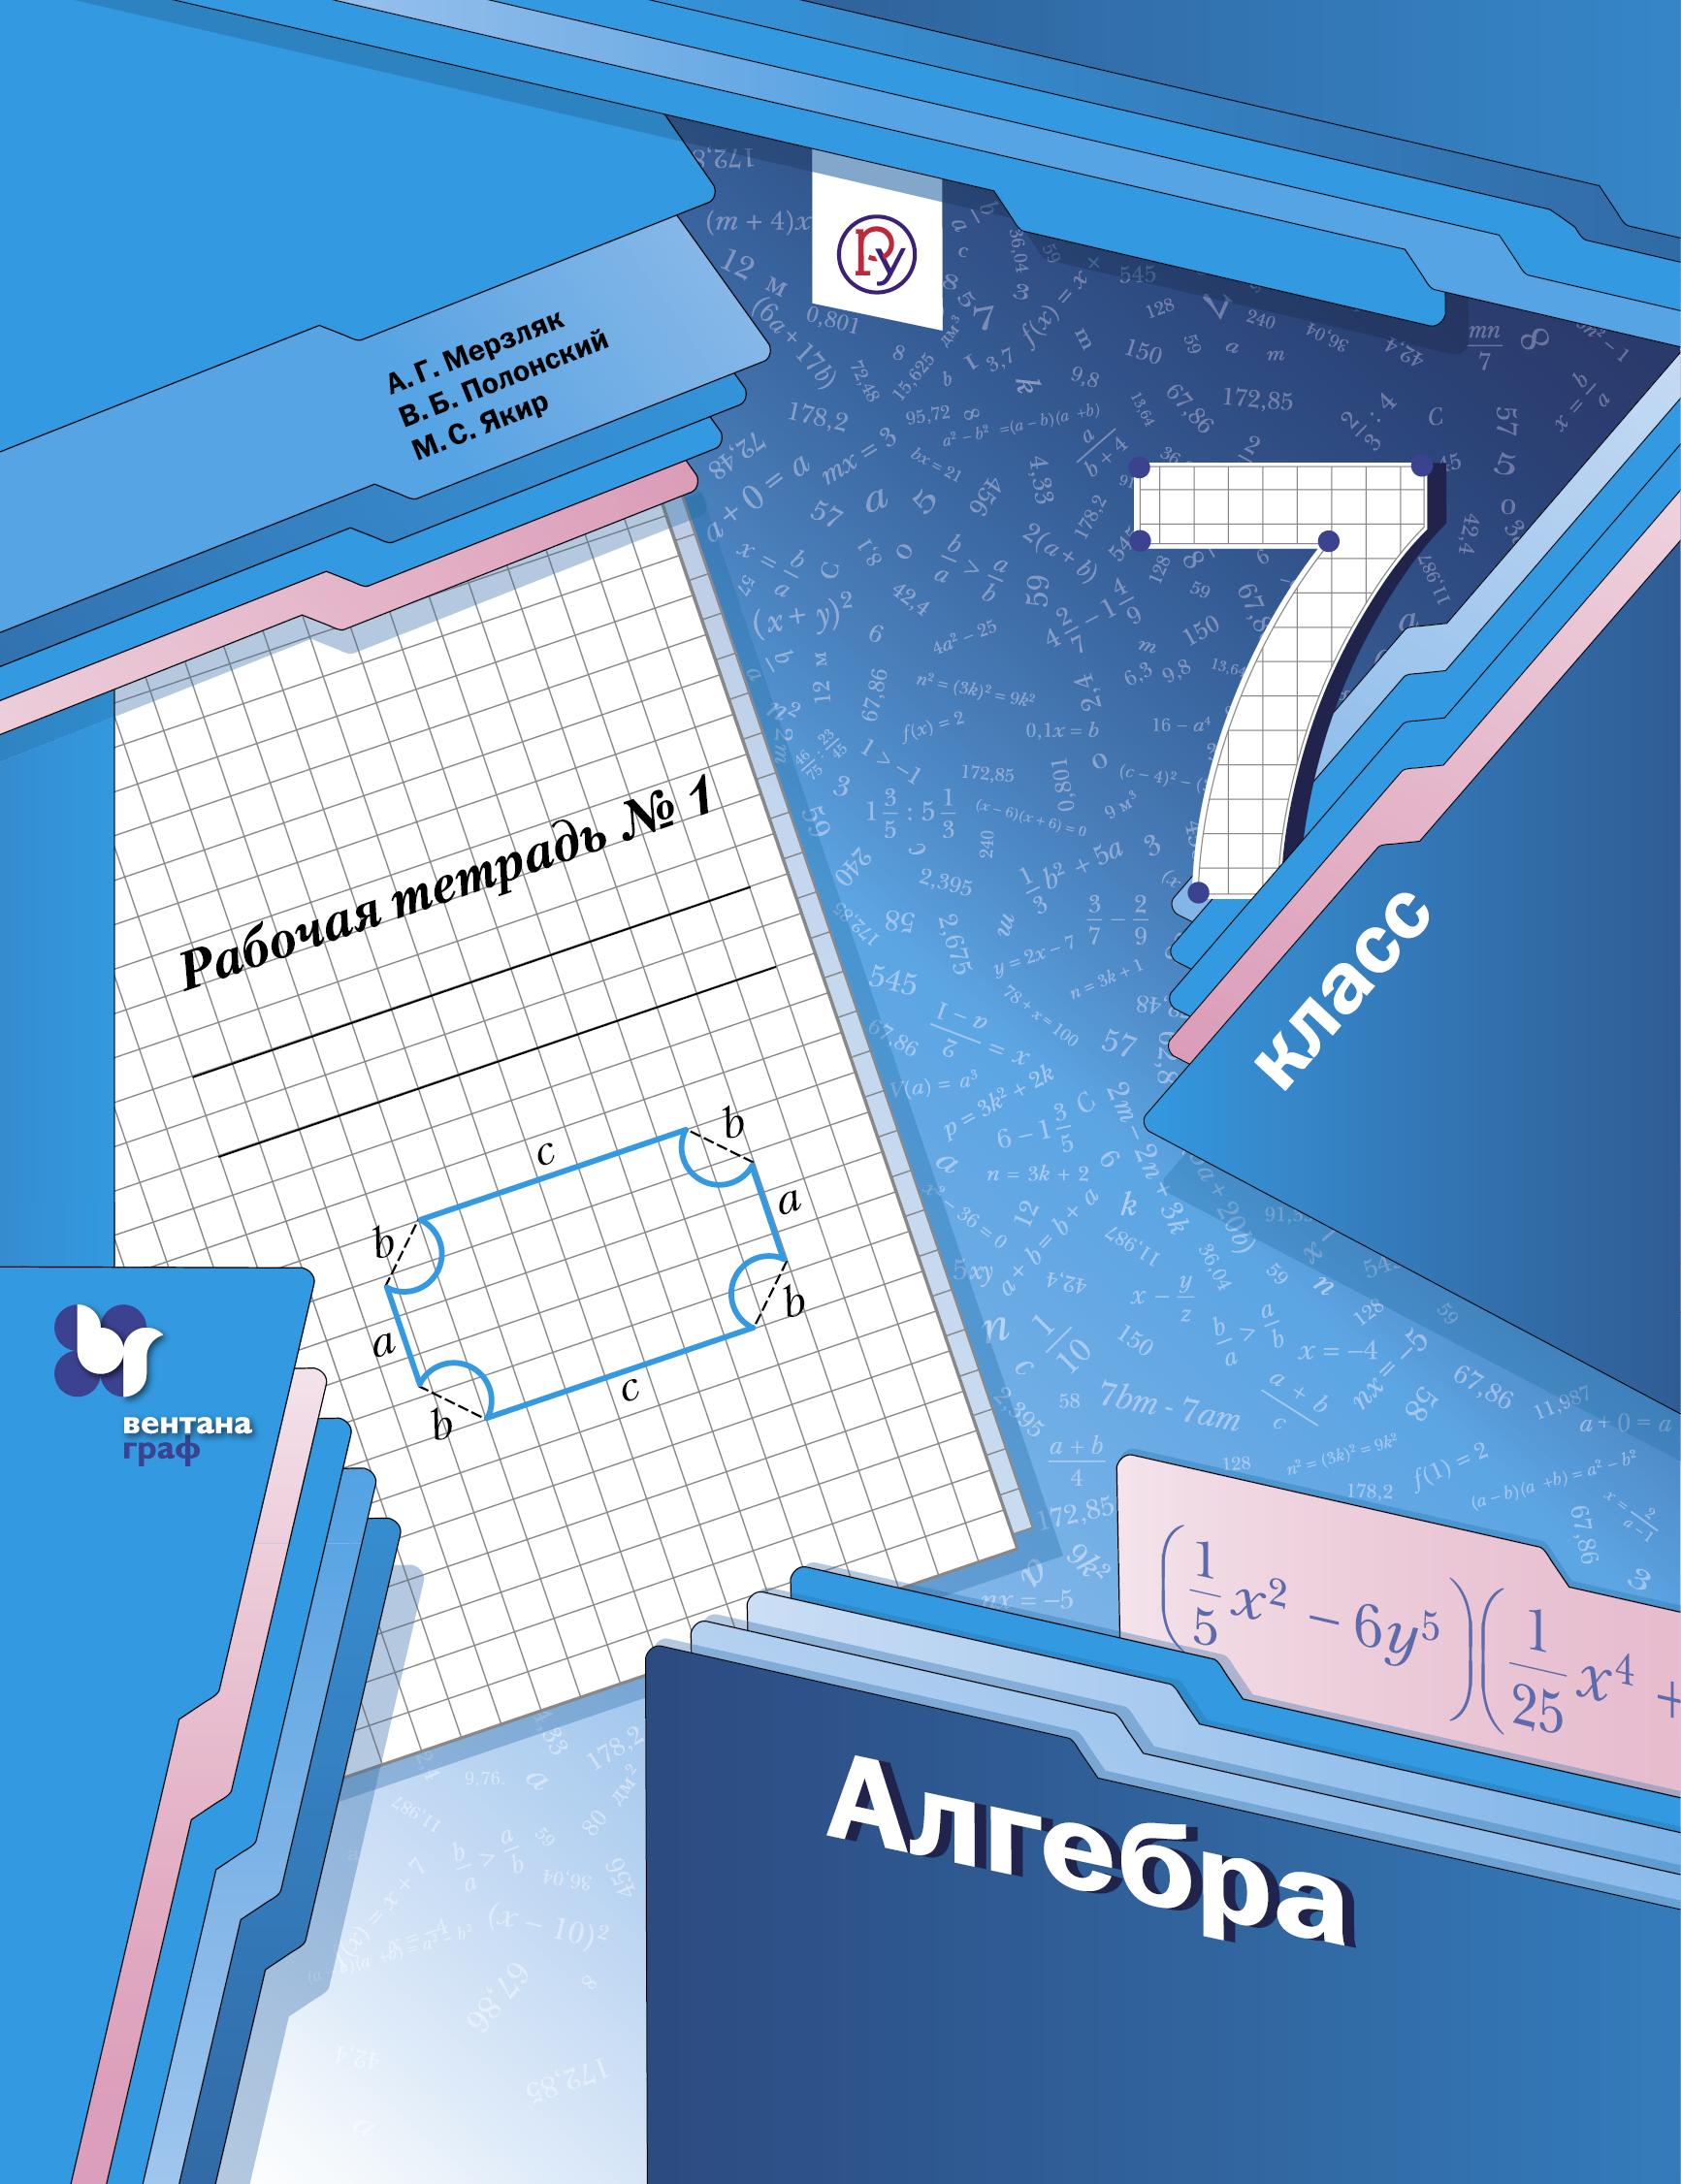 Мерзляк А.Г., Полонский В.Б., Якир М.С. Алгебра. 7 класс. Рабочая тетрадь. 1 часть. а г мерзляк в б полонский м с якир алгебра 7 класс рабочая тетрадь в 2 частях часть 1